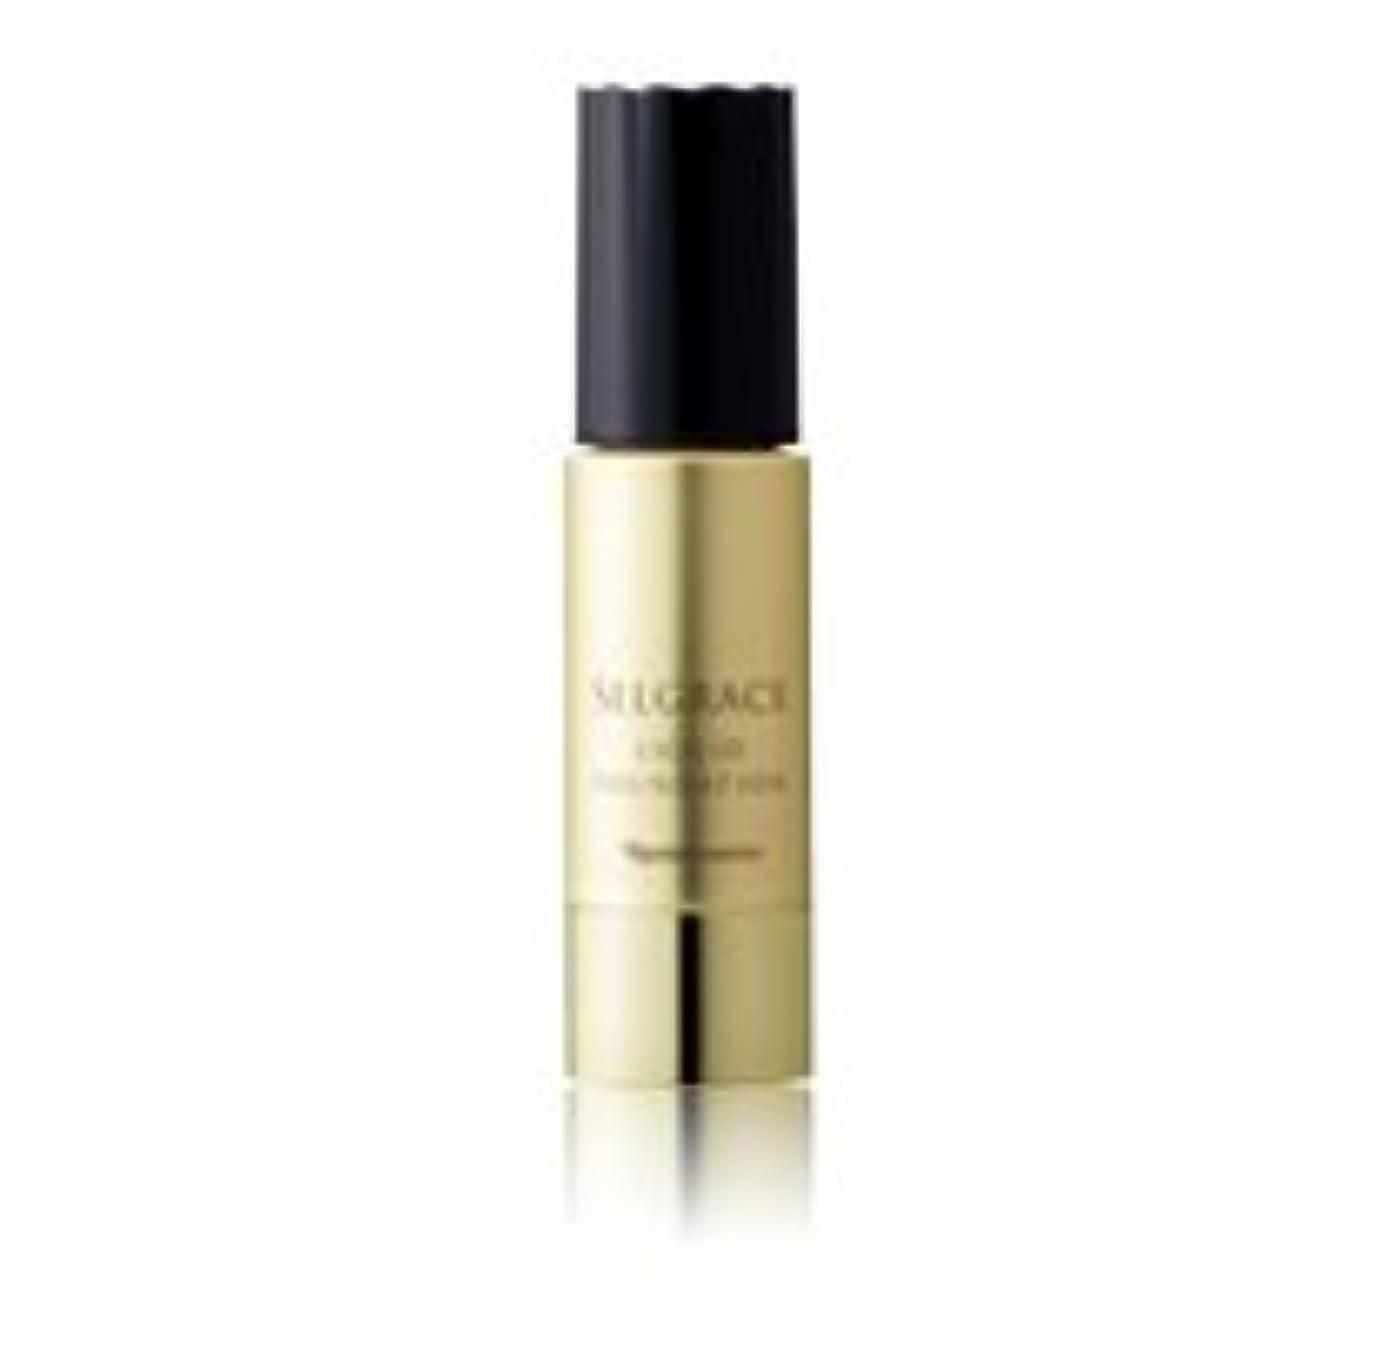 リンス推定する率直なナリス化粧品セルグレース リキッドファンデーション30mL[SPF30 PA++]550